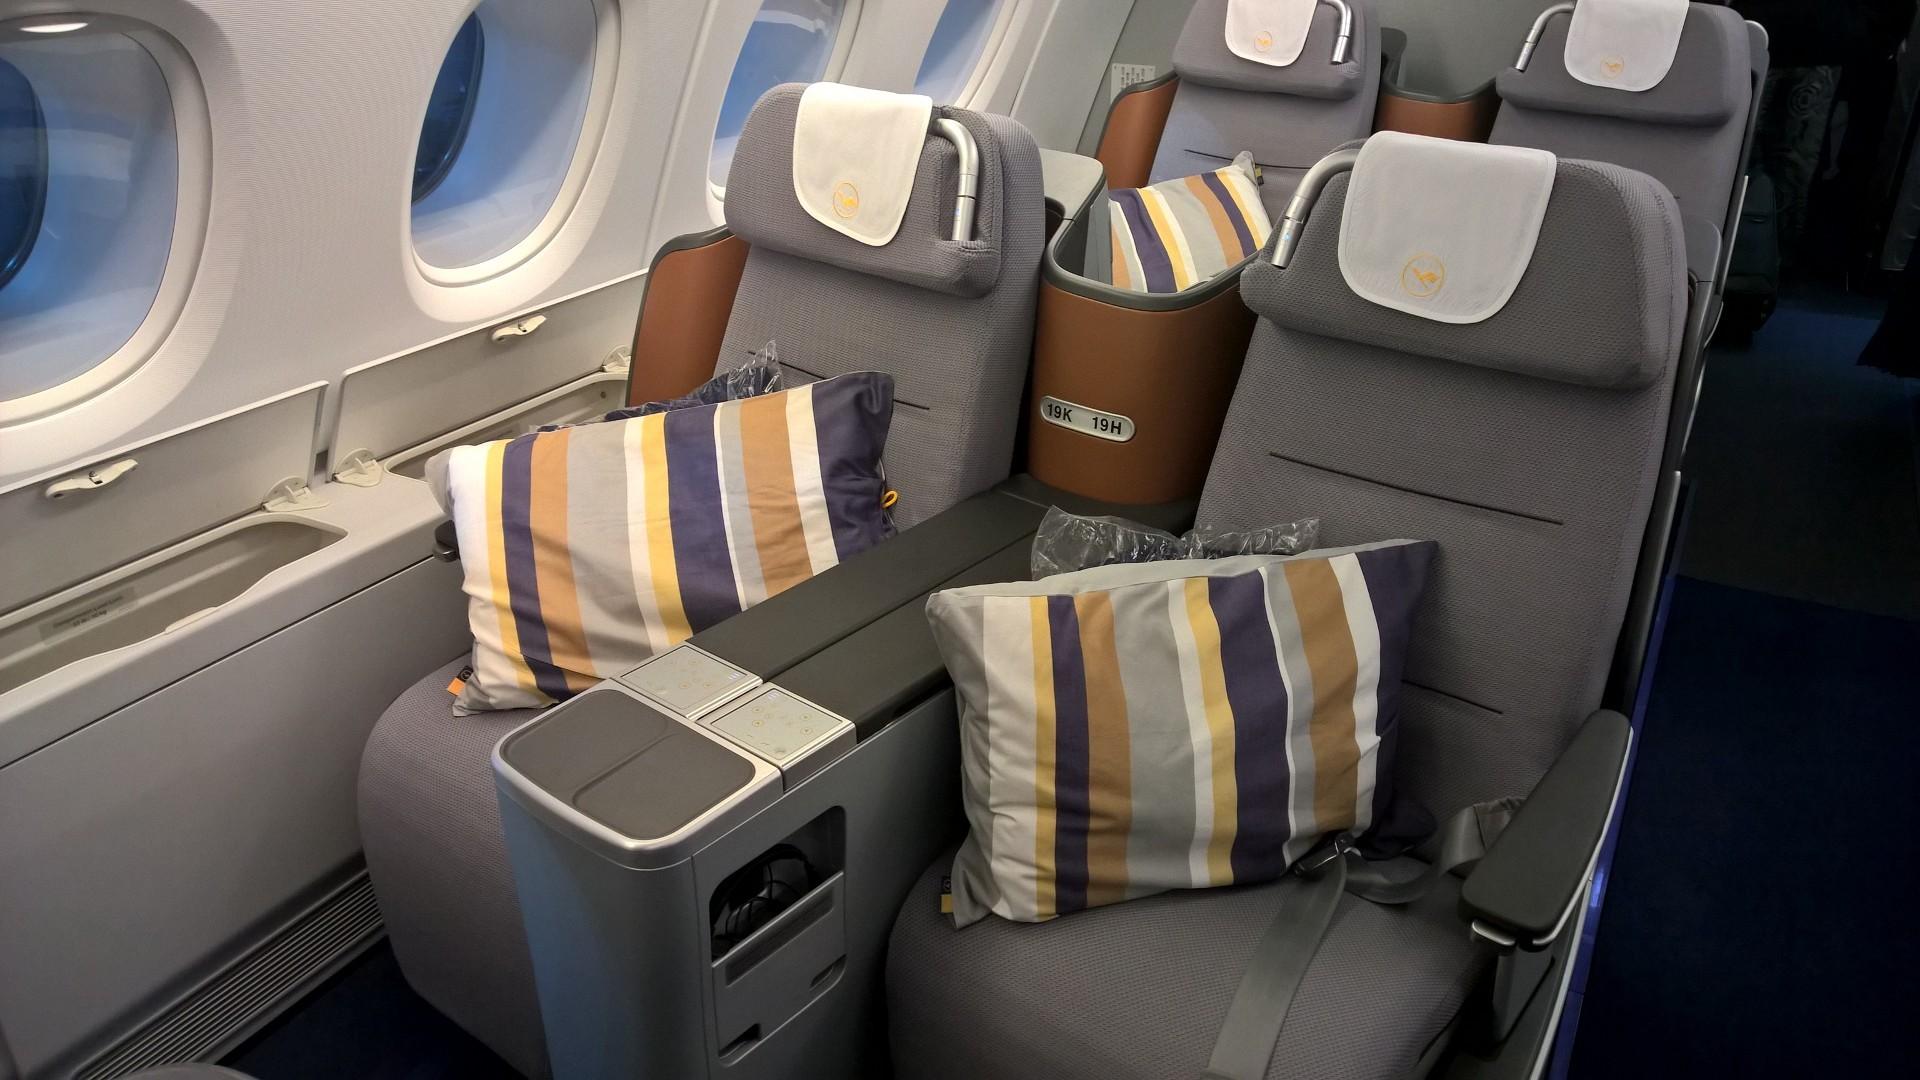 Lufthansa Business Class Fly Deal Fare Blog